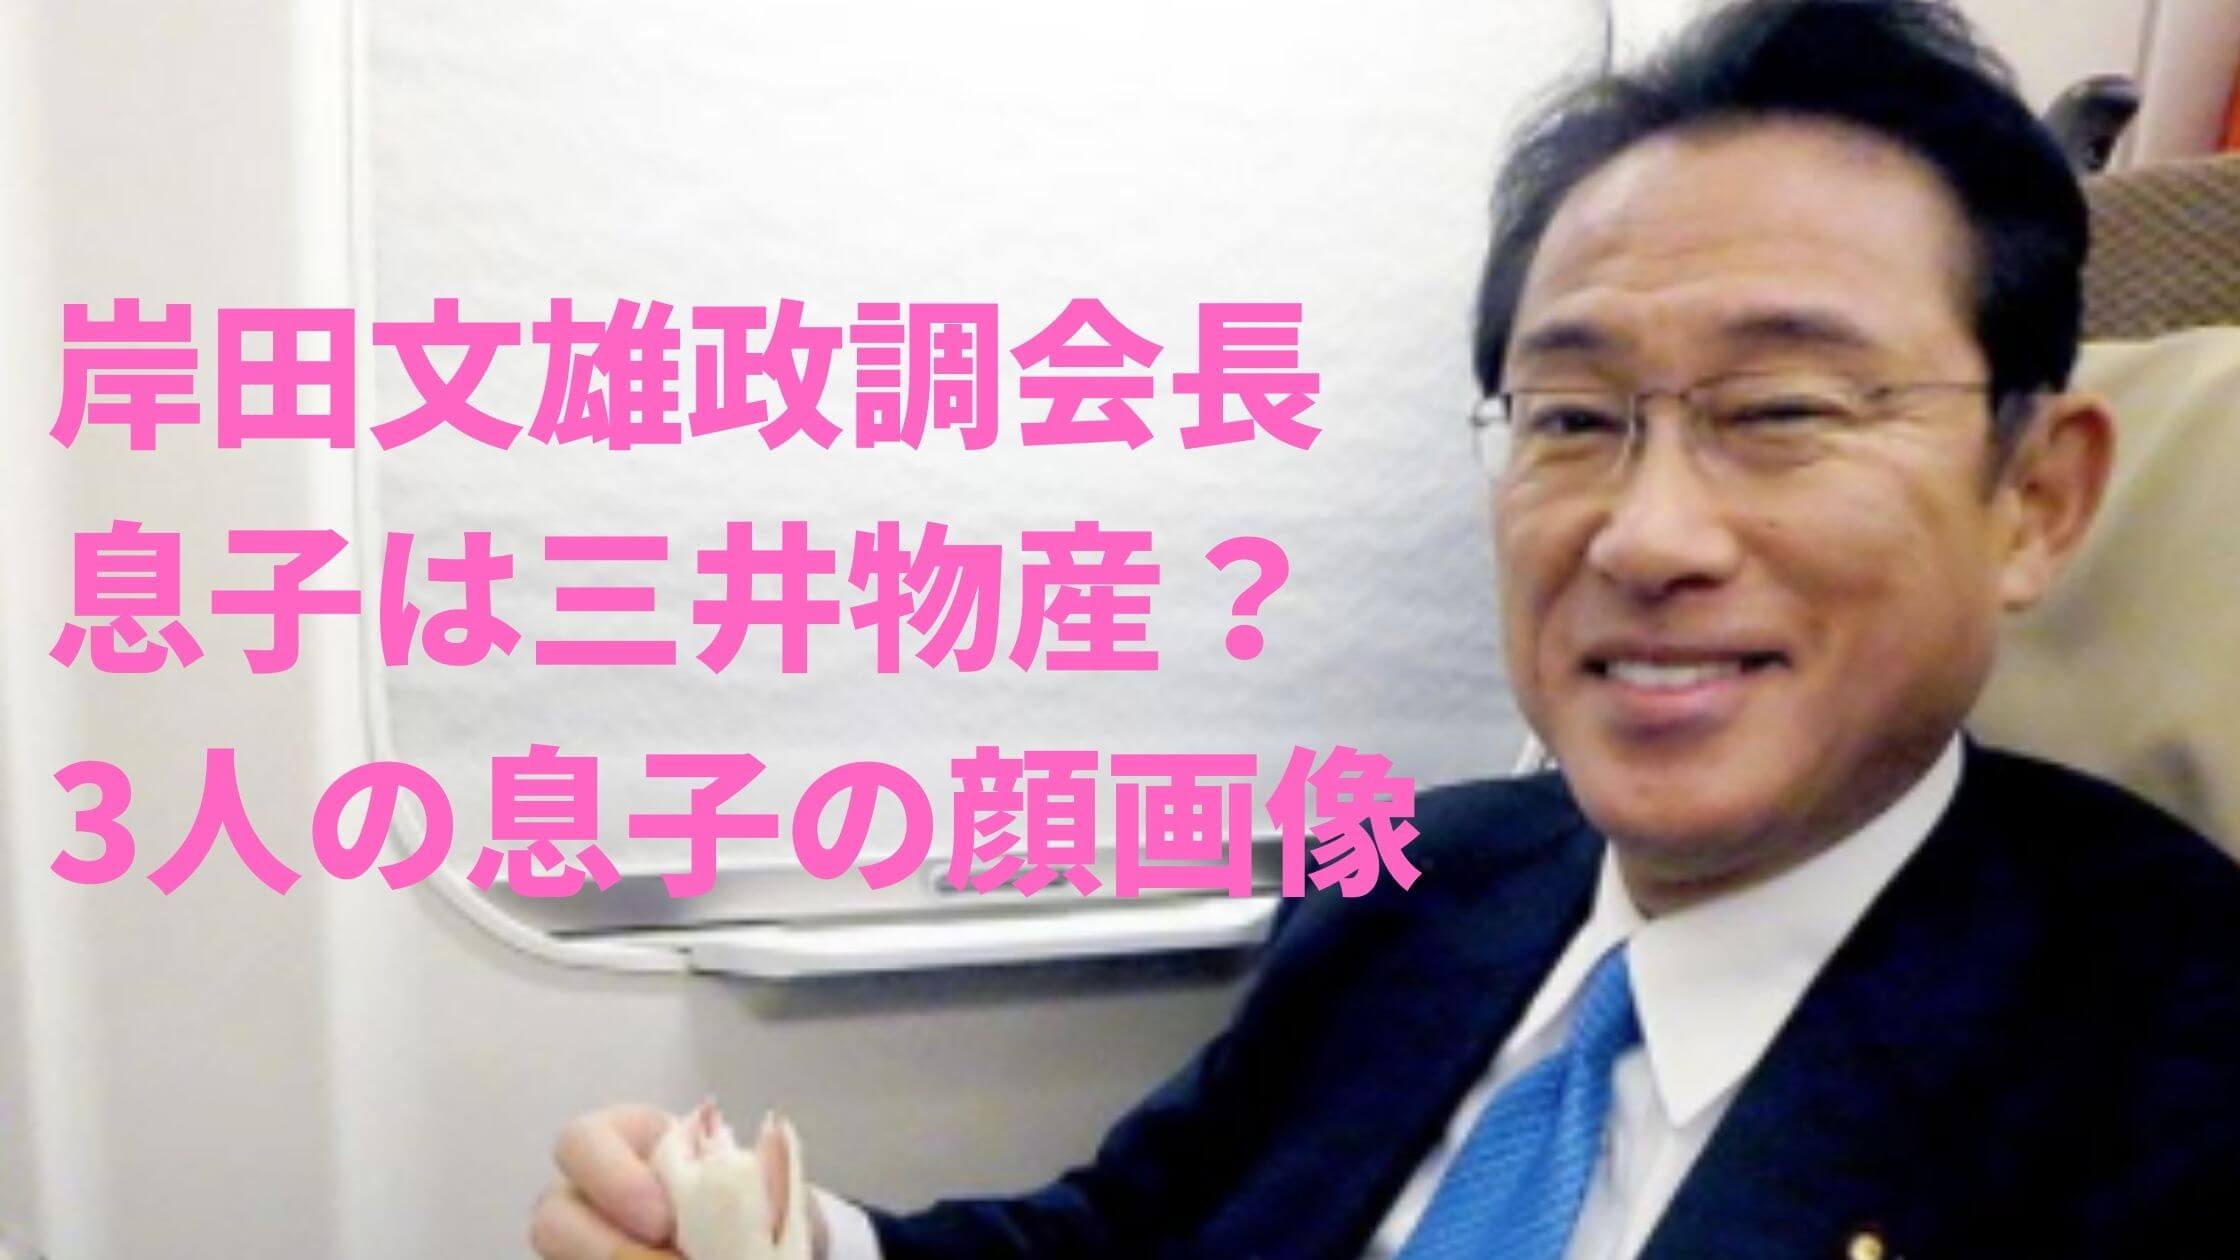 岸田文雄 息子 三井物産はガセ?